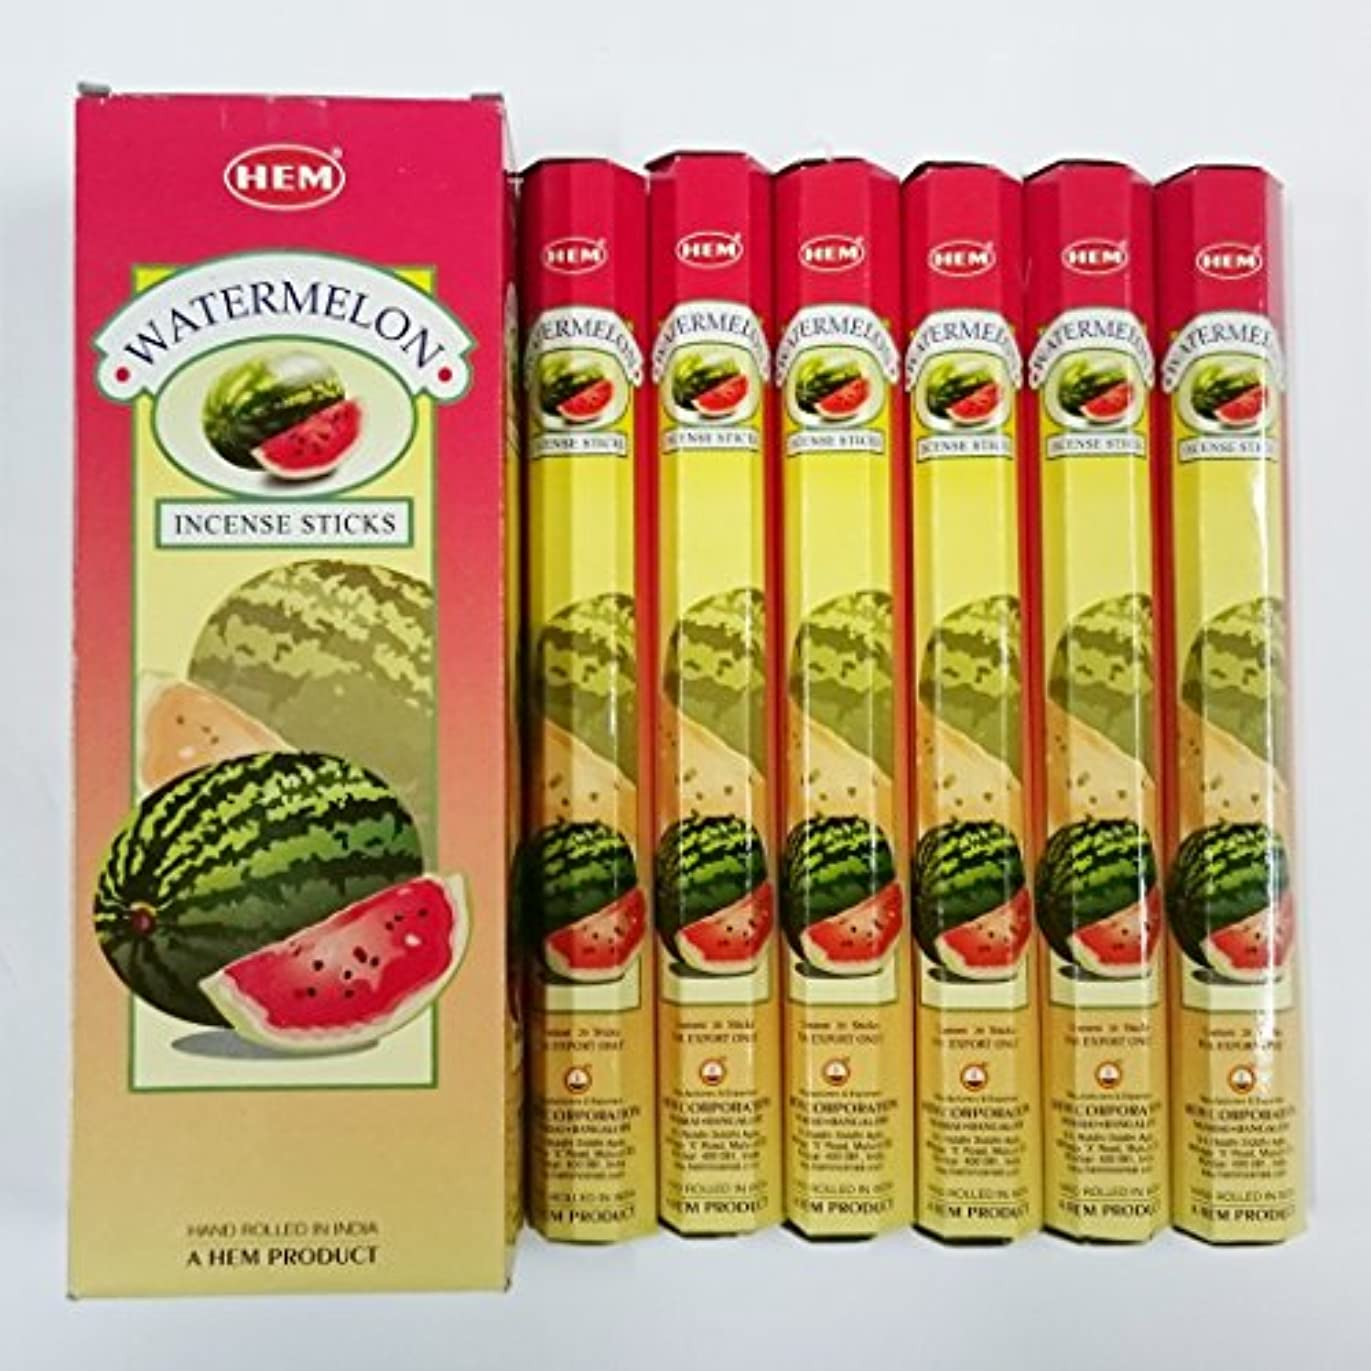 ダイアクリティカル折マイクロフォンHEM (ヘム) インセンス スティック へキサパック ウォーターメロン(スイカ)香 6角(20本入)×6箱 [並行輸入品]Water melon